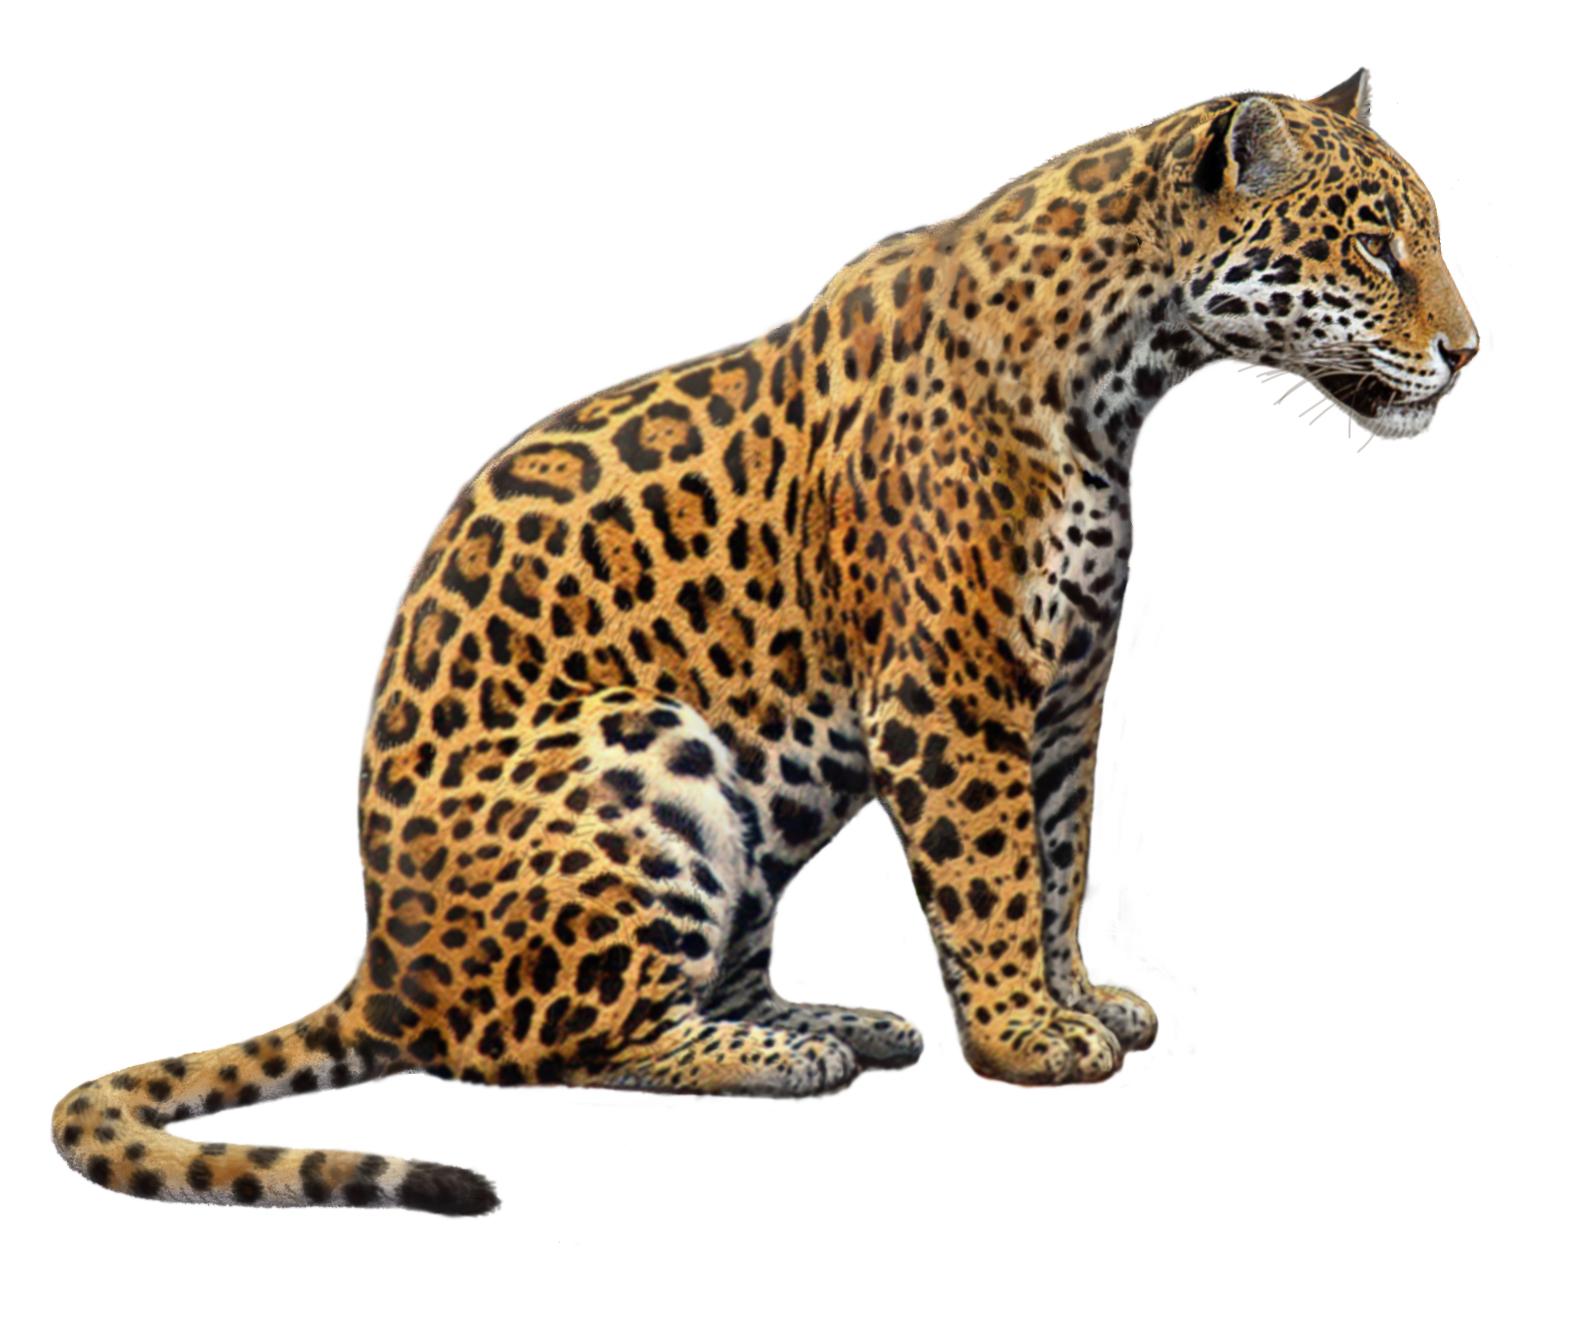 Jaguar clipart. Animal drawing at getdrawings